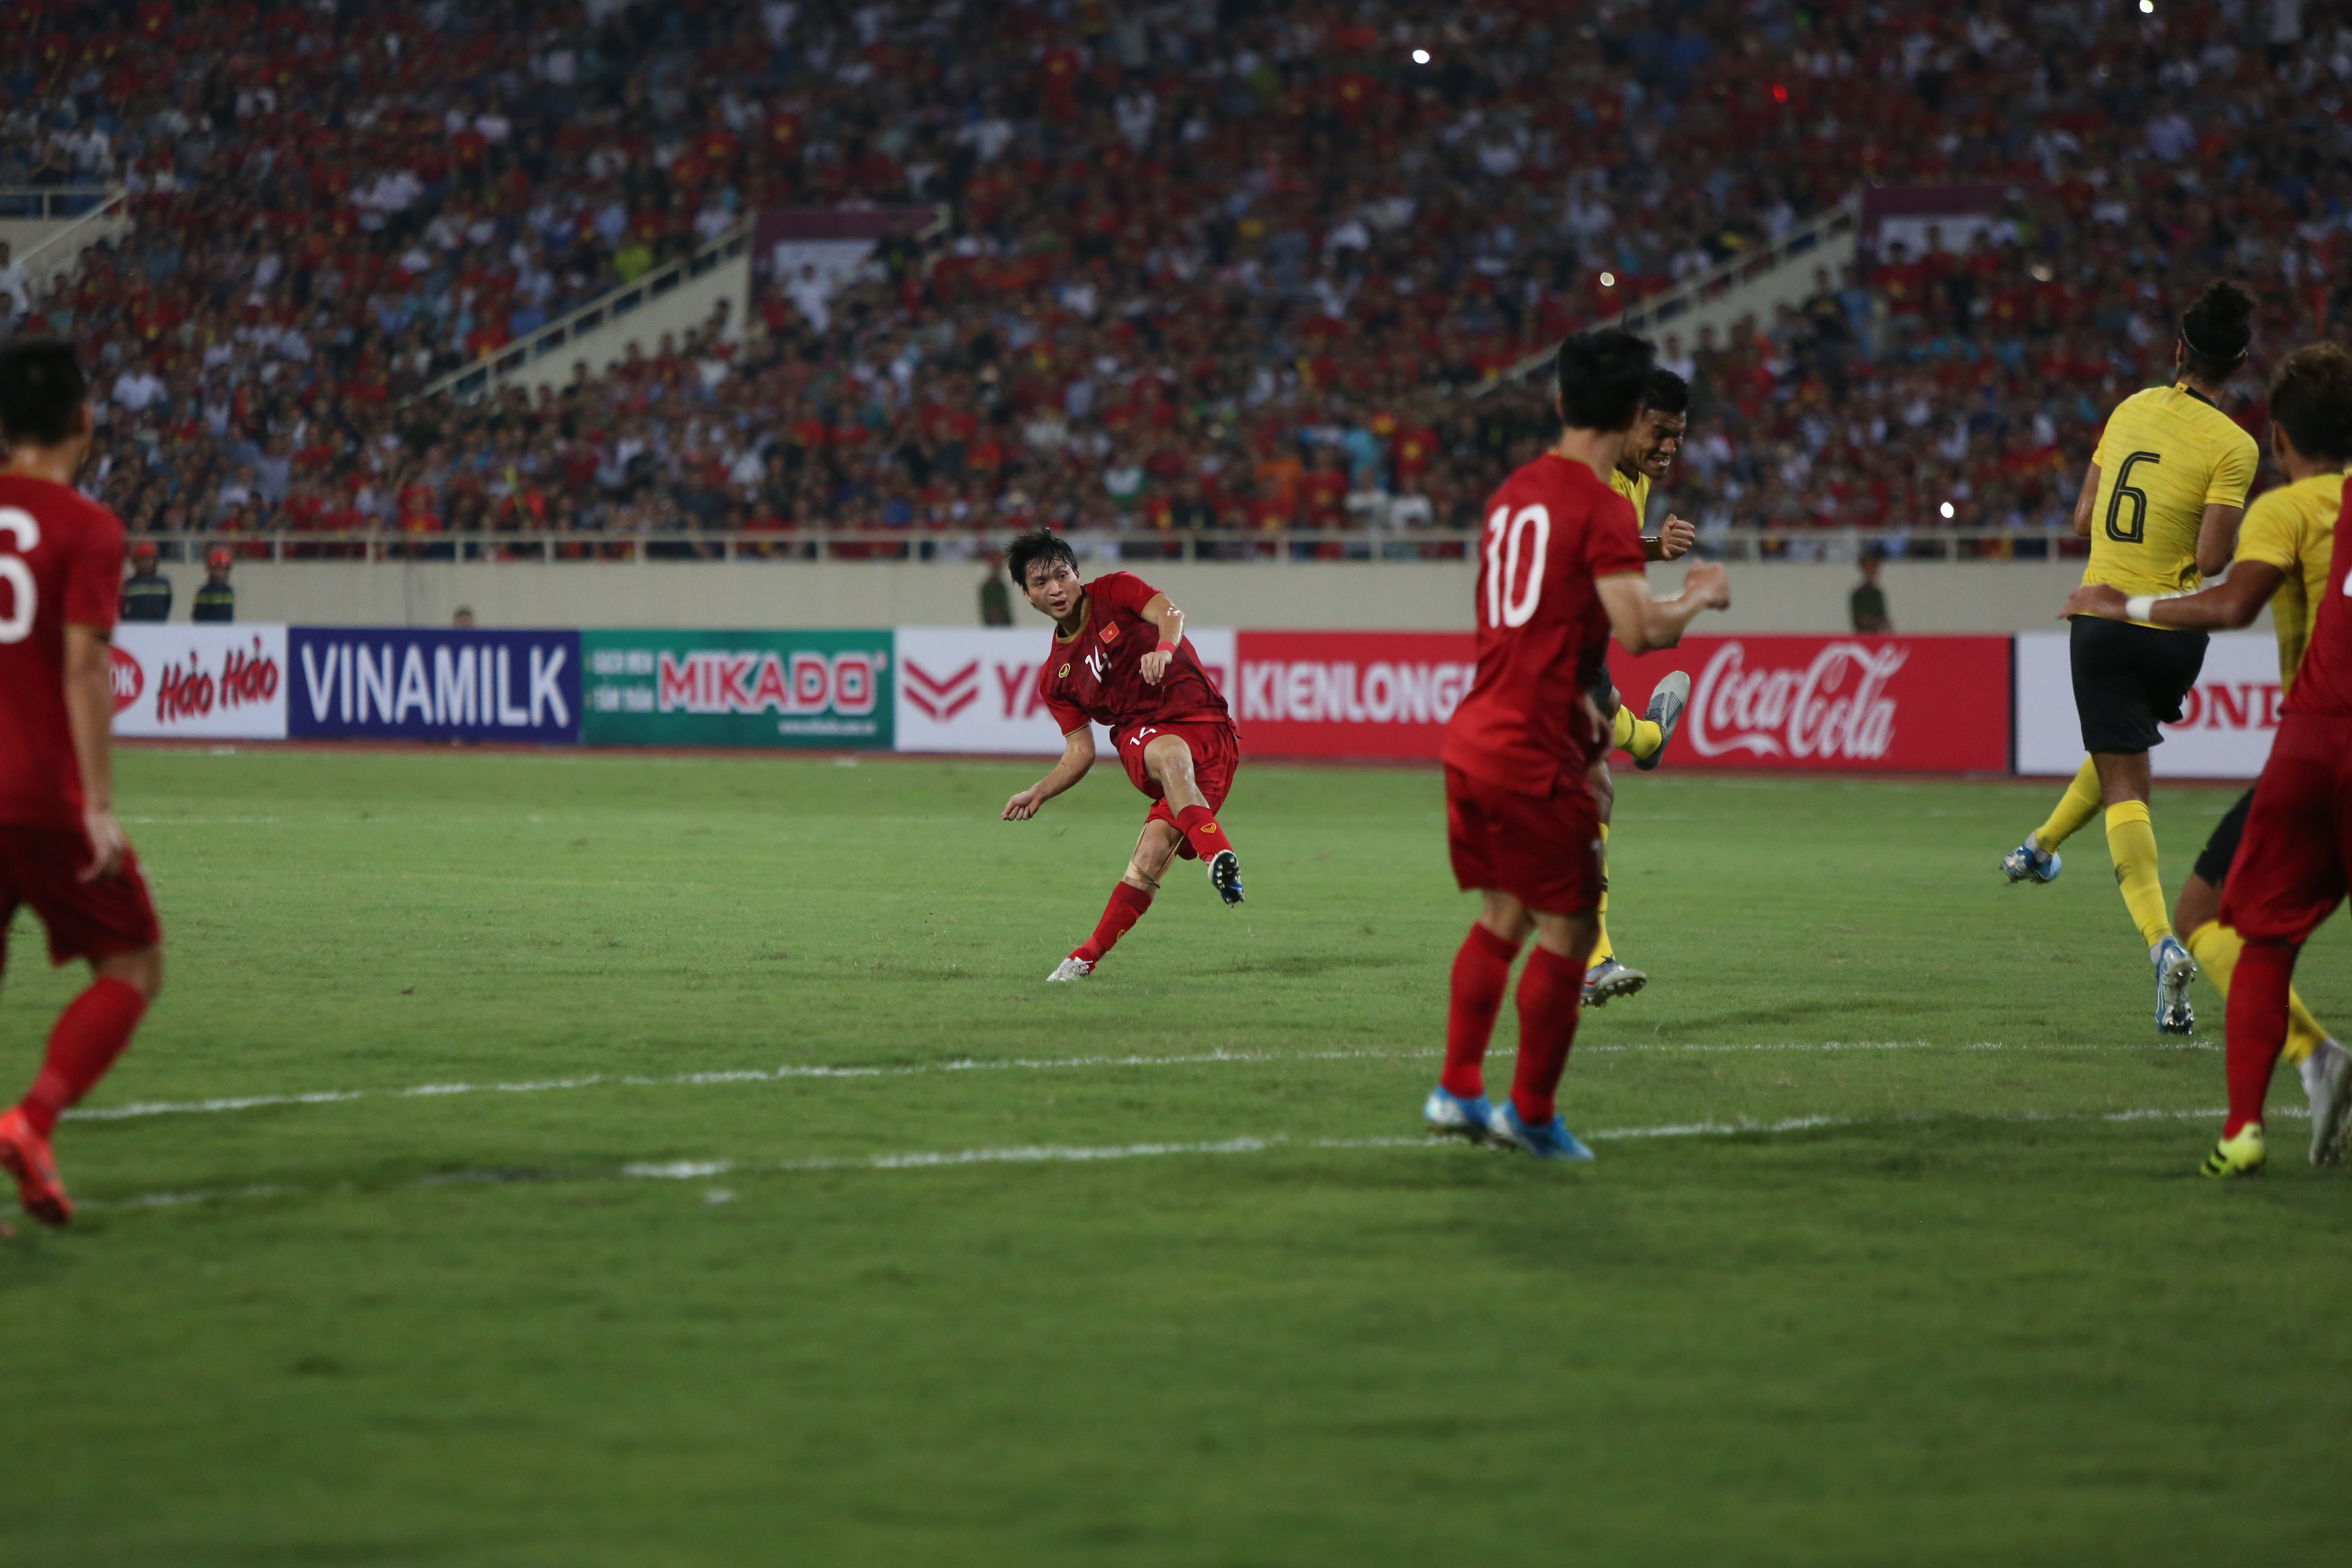 HLV Park Hang-seo chốt danh sách 23 cầu thủ cho trận đấu với ĐT Indonesia - Bóng Đá